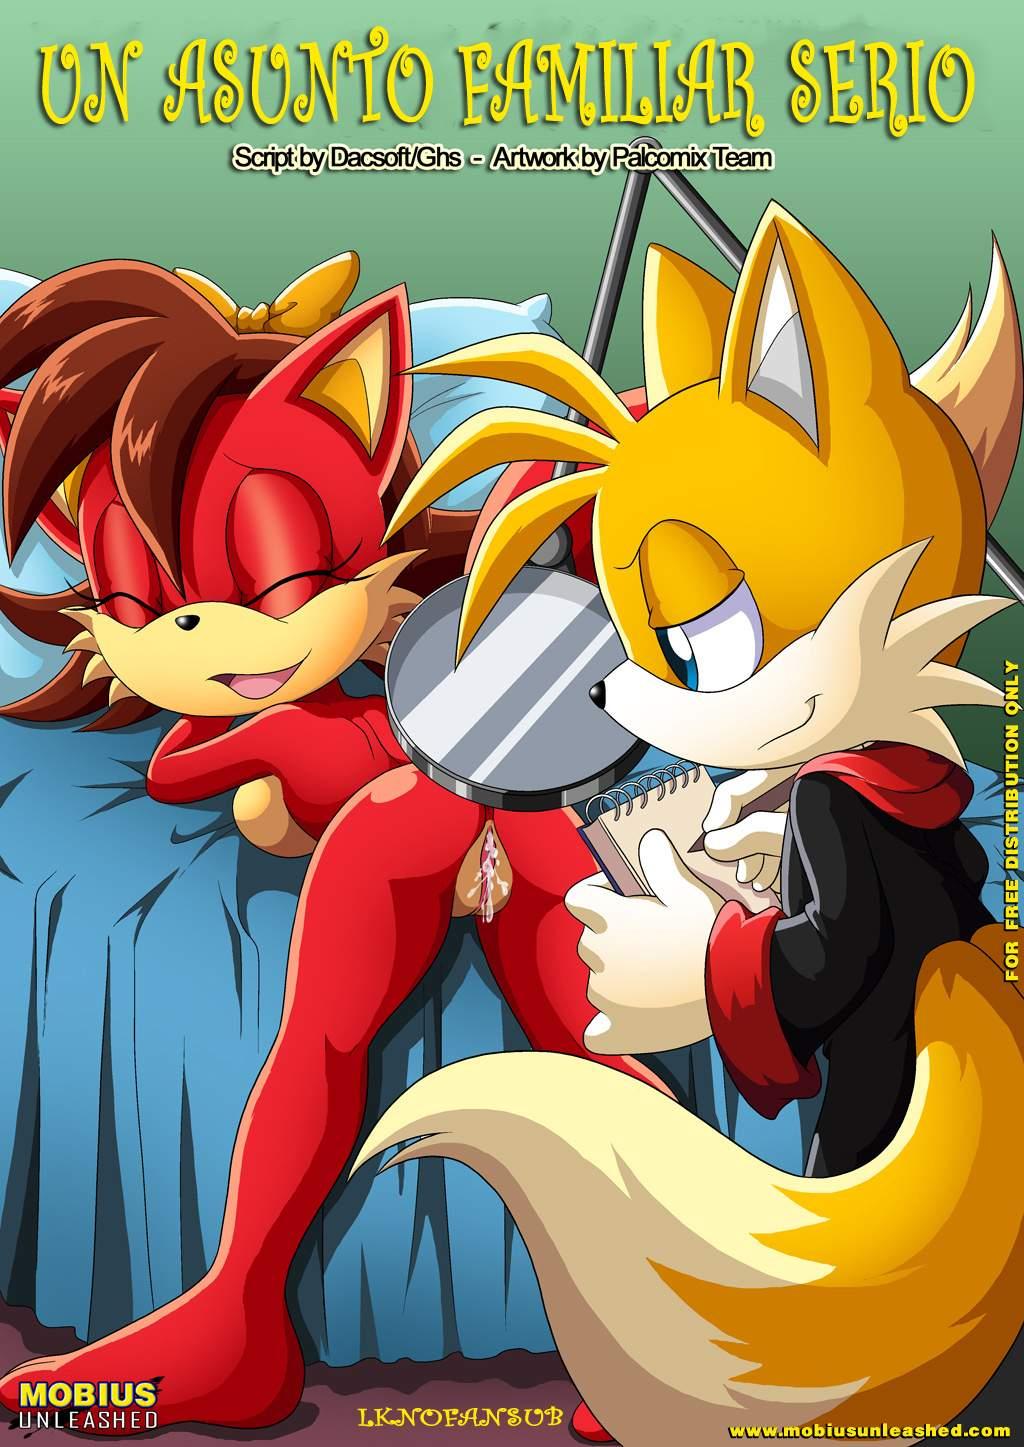 SureFap xxx porno Sonic - [Palcomix][Mobius Unleashed] - The Prower Family Affair 1